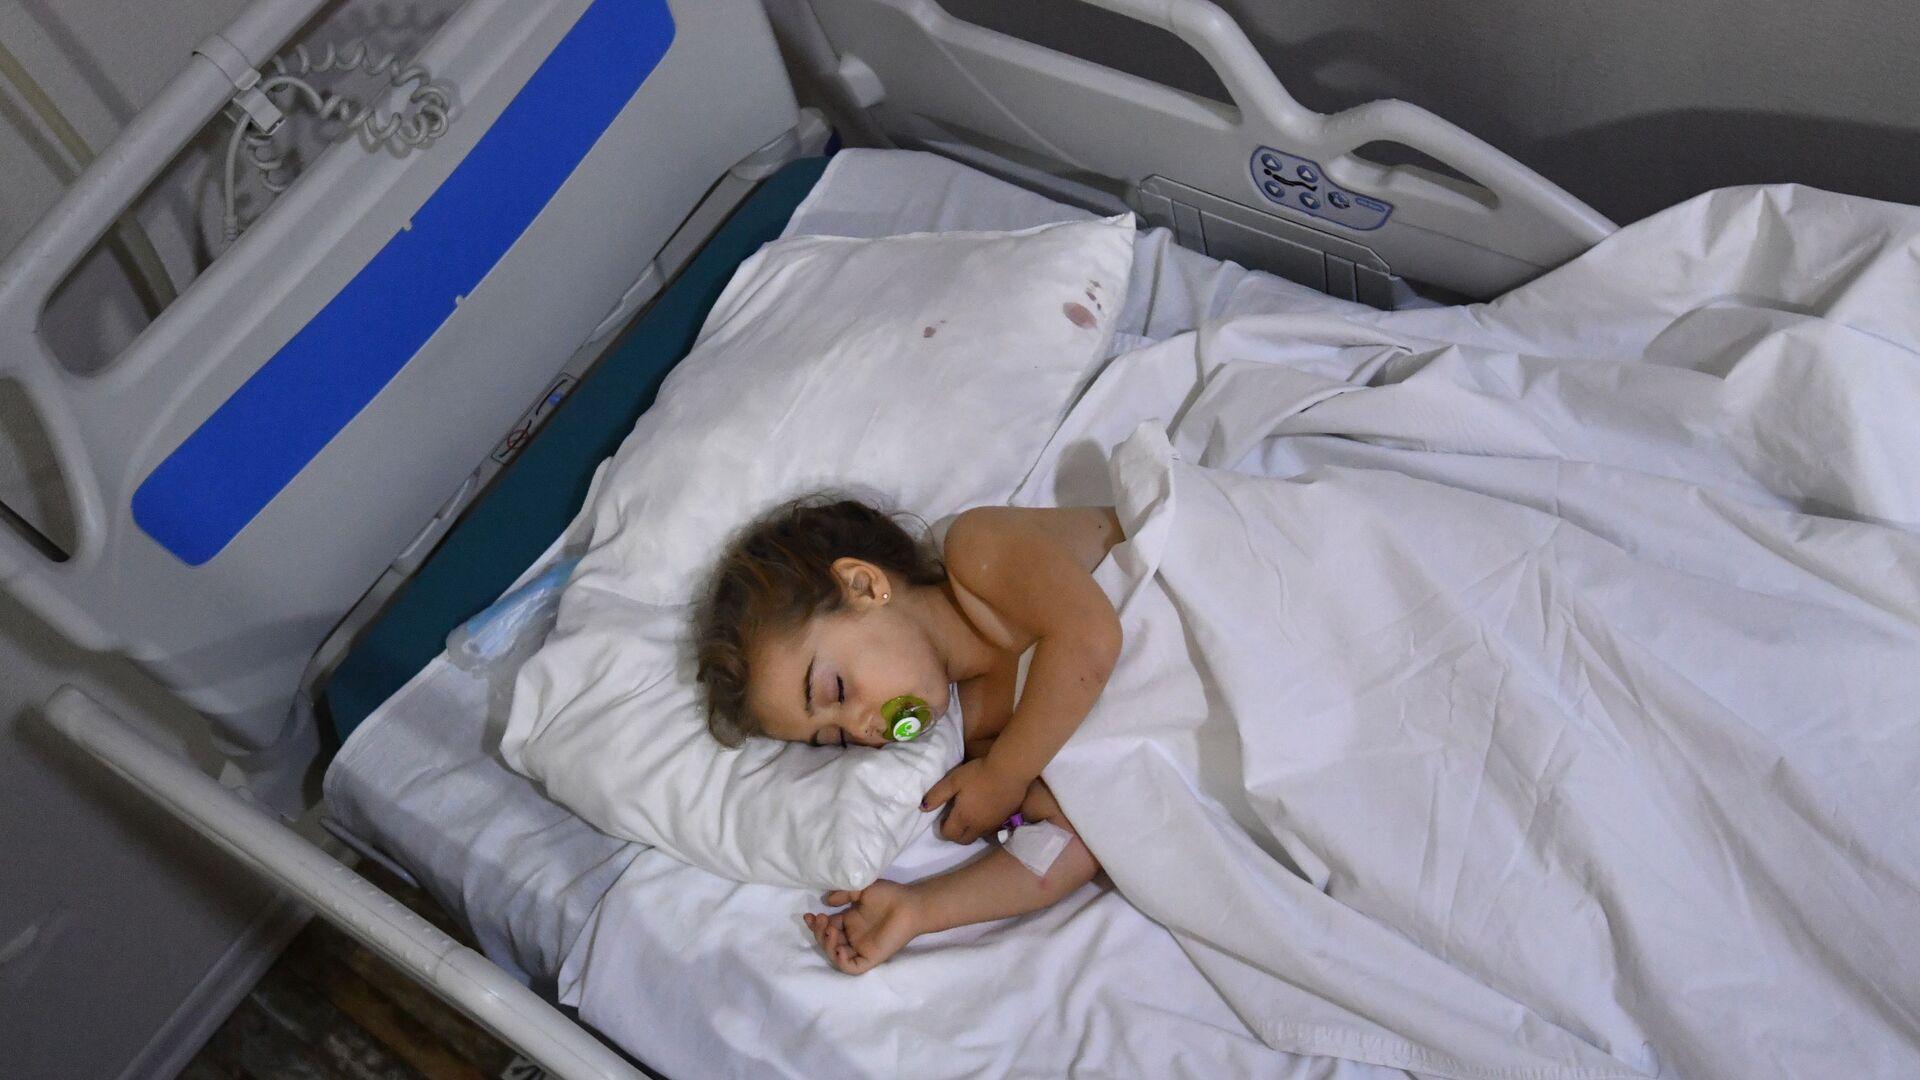 Bambina ferita durante l'attacco missilistico a Ganja  - Sputnik Italia, 1920, 11.08.2021